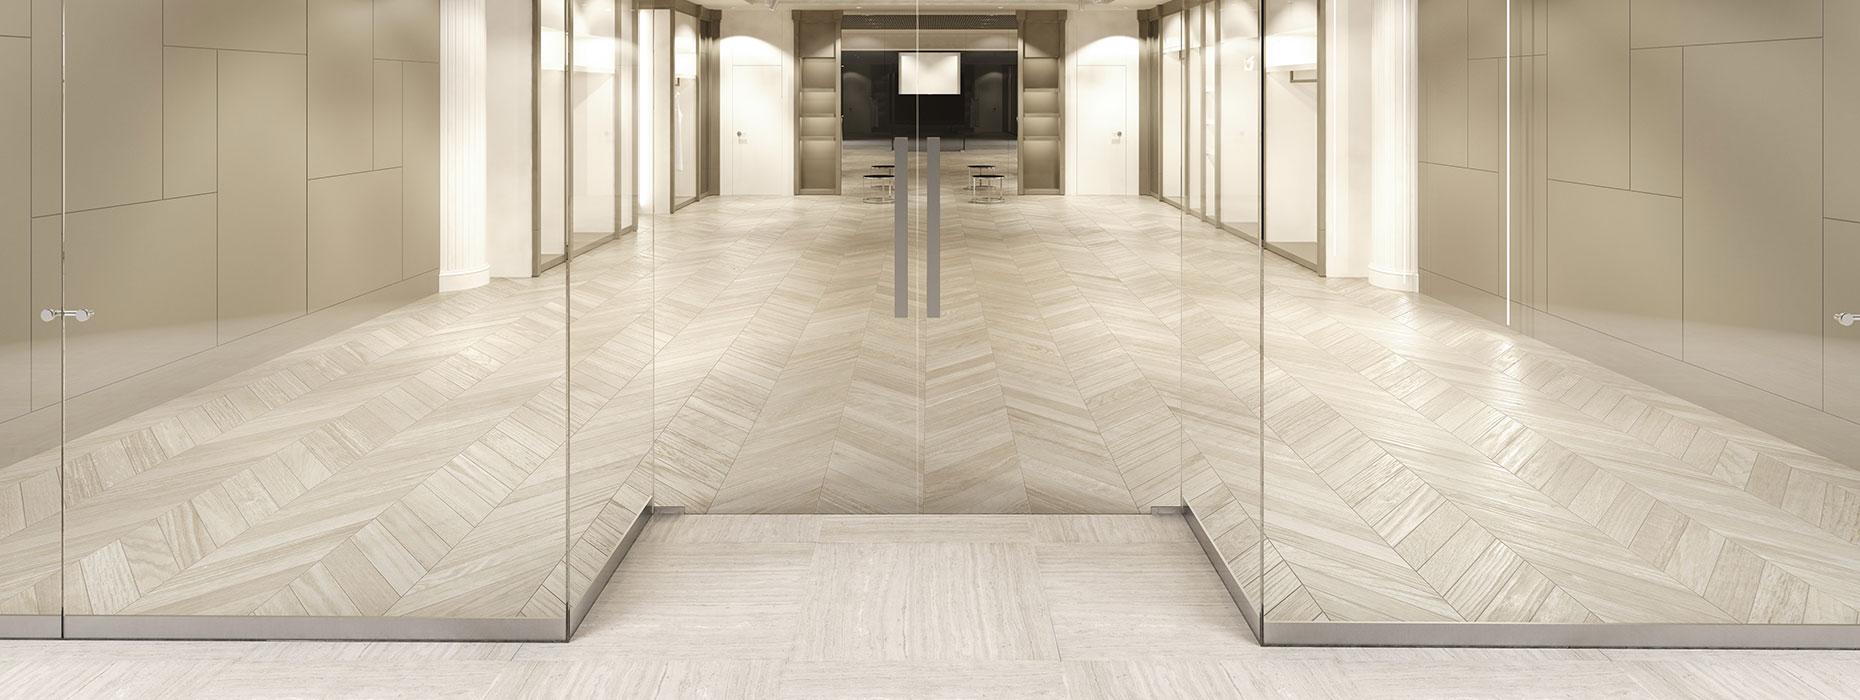 Divisorie in vetro bergamo brescia milano - Pareti divisorie mobili per abitazioni ...